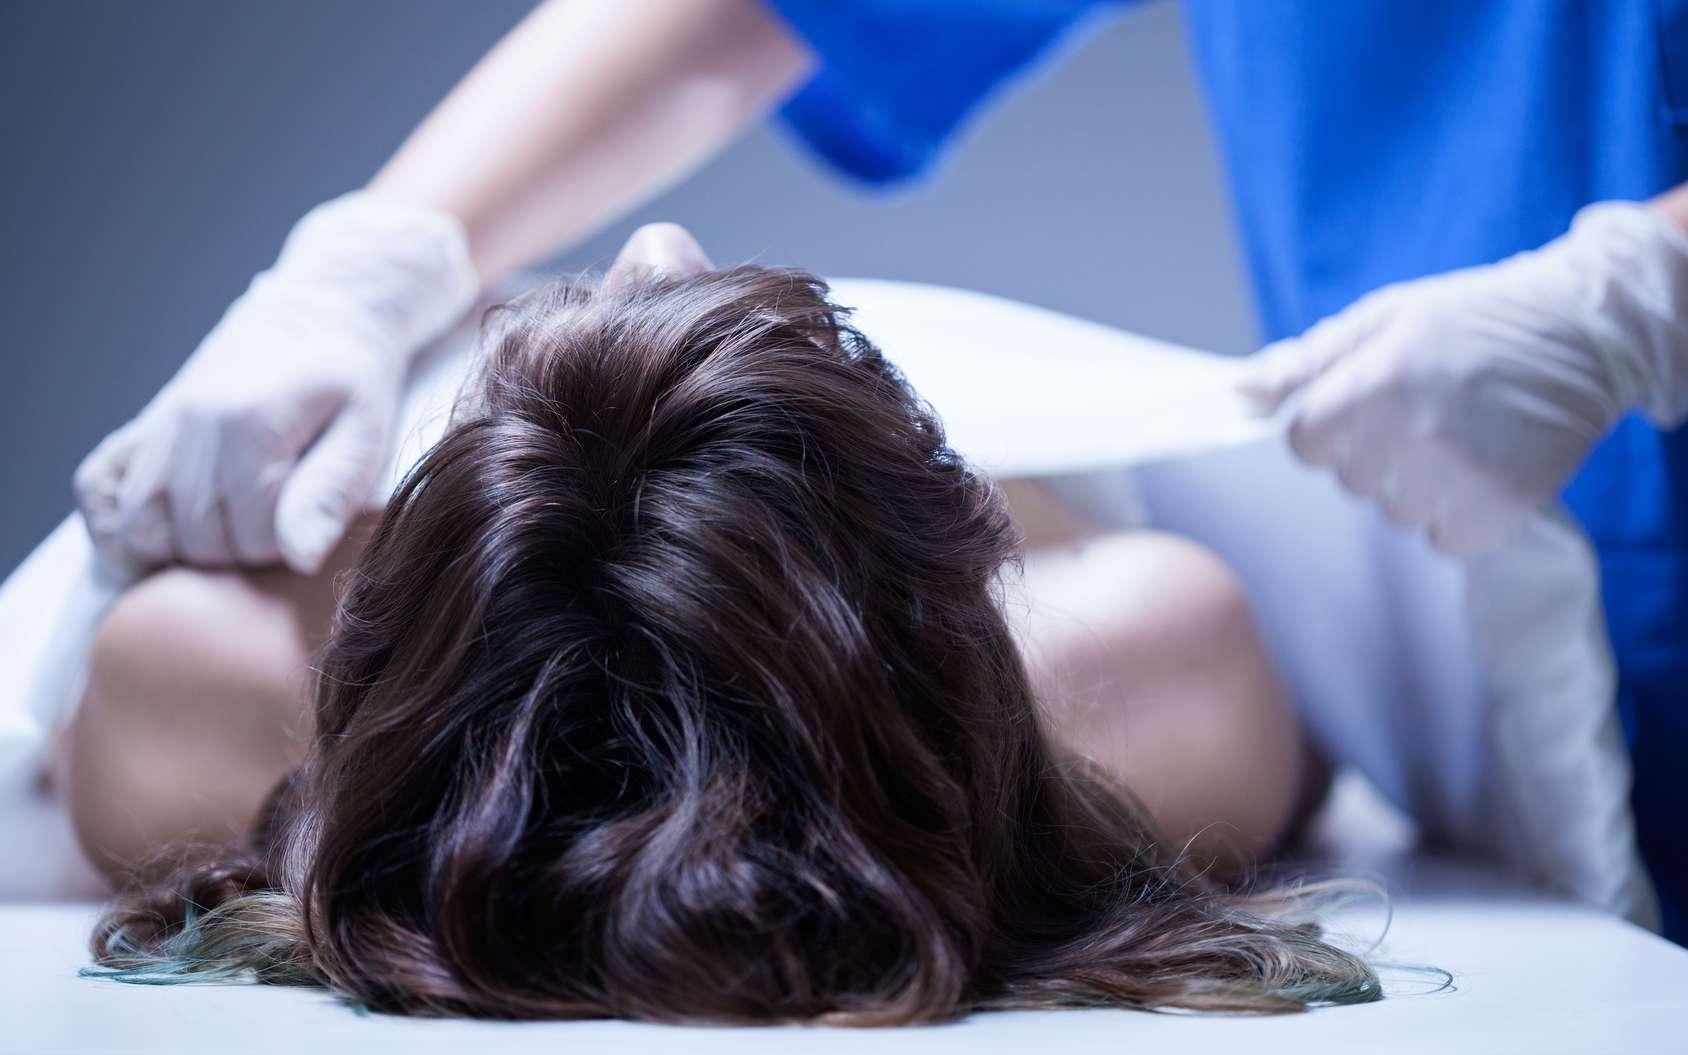 Bioquark veut redonner vie aux morts dans un essai clinique très controversé. © Photographee.eu, Fotolia